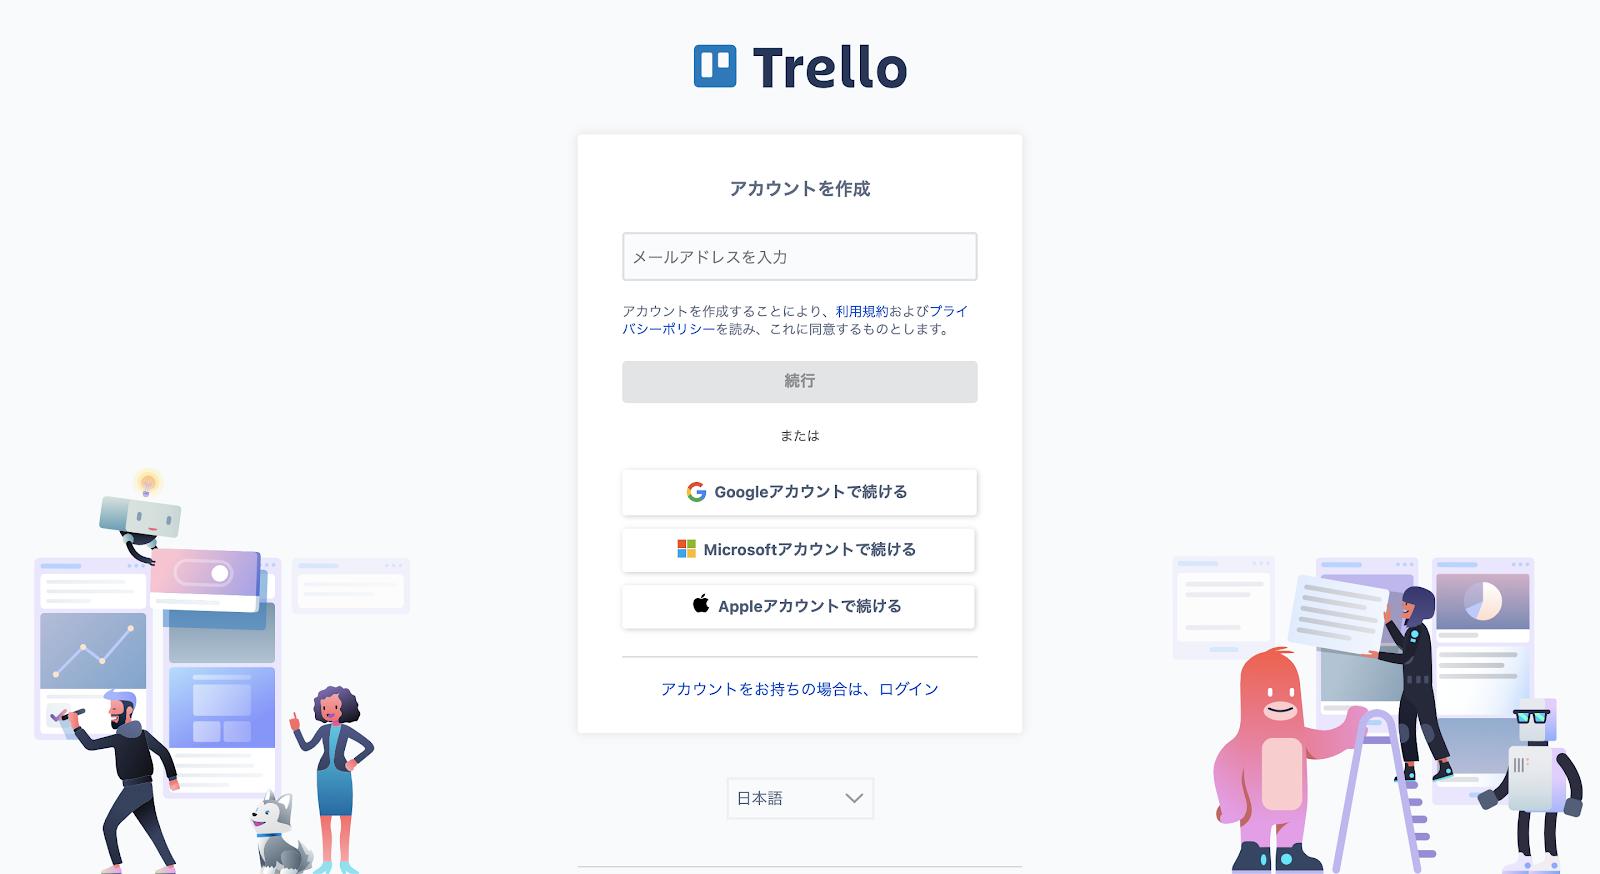 Trello アカウント作成